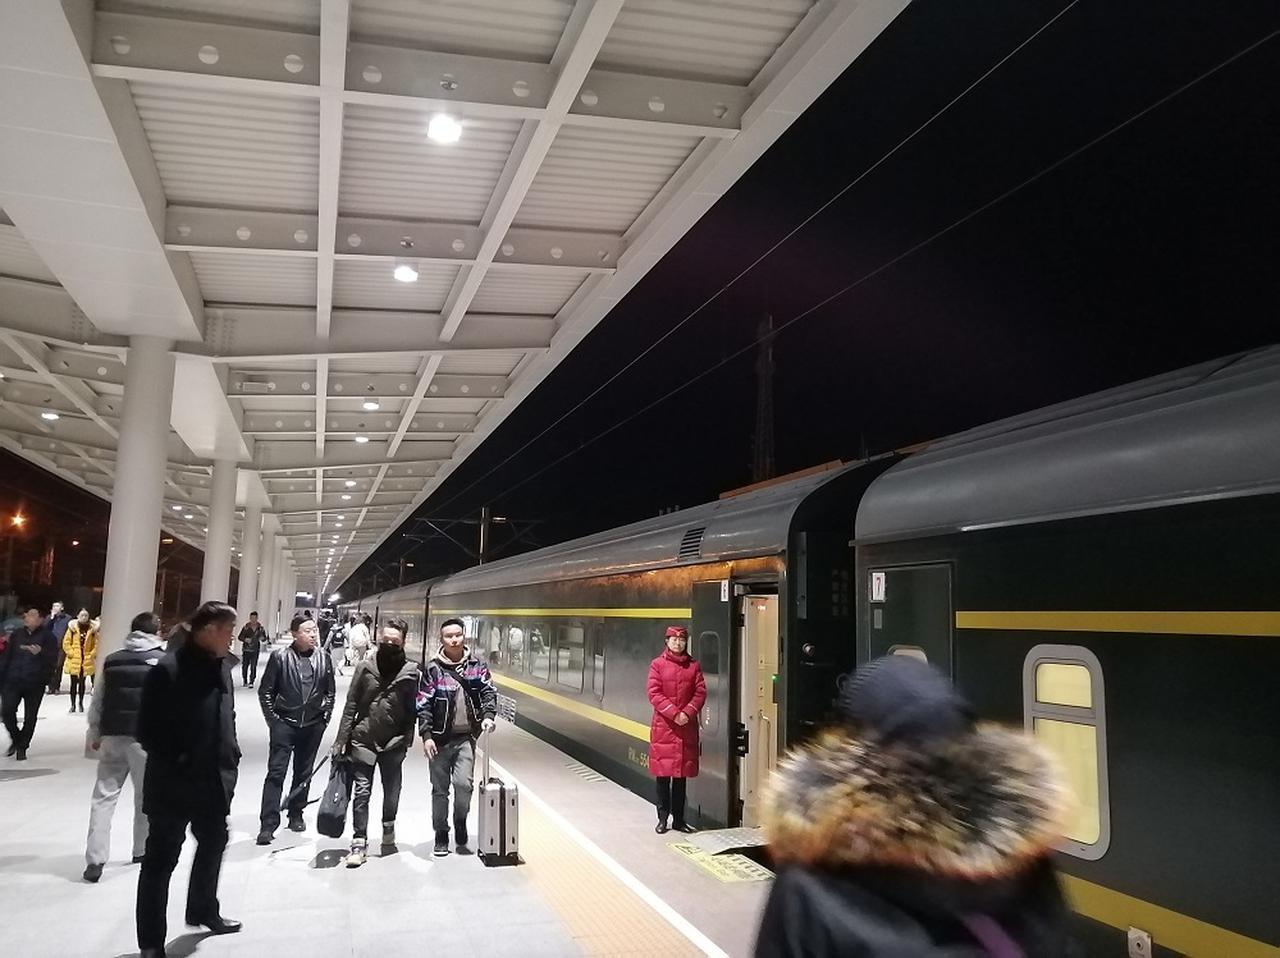 画像: 夜間に30分間停車するゴルムド駅。ホームにも降りることができるが、お店などはない。